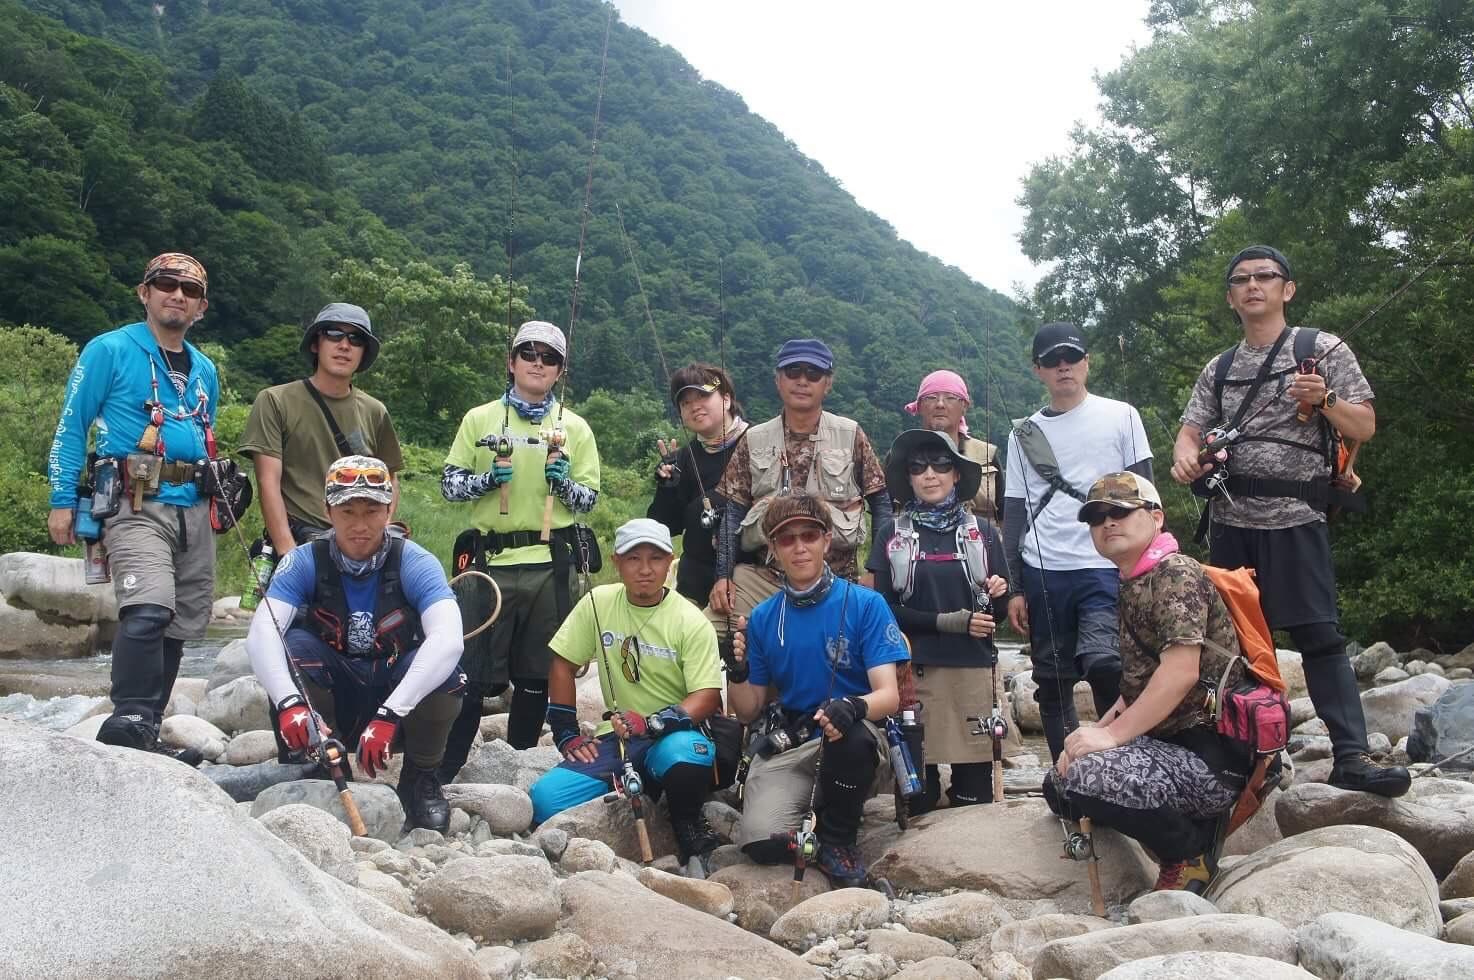 昨日行われたFishman実釣試投会in魚野川ご参加頂いた皆様どうもありがとうございました!